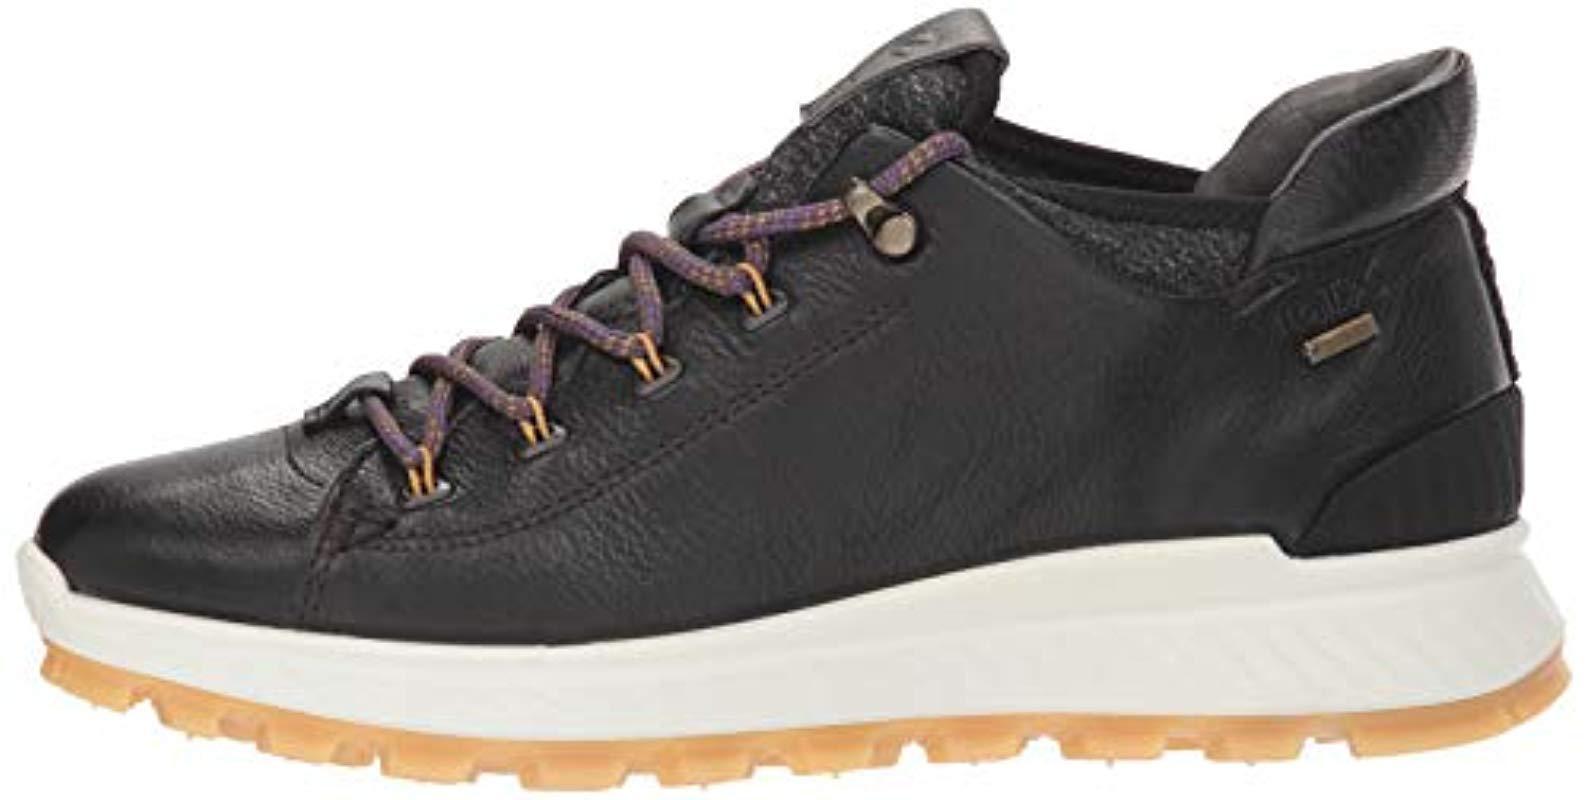 Exostrike Gore-tex Mid Hiking Shoe